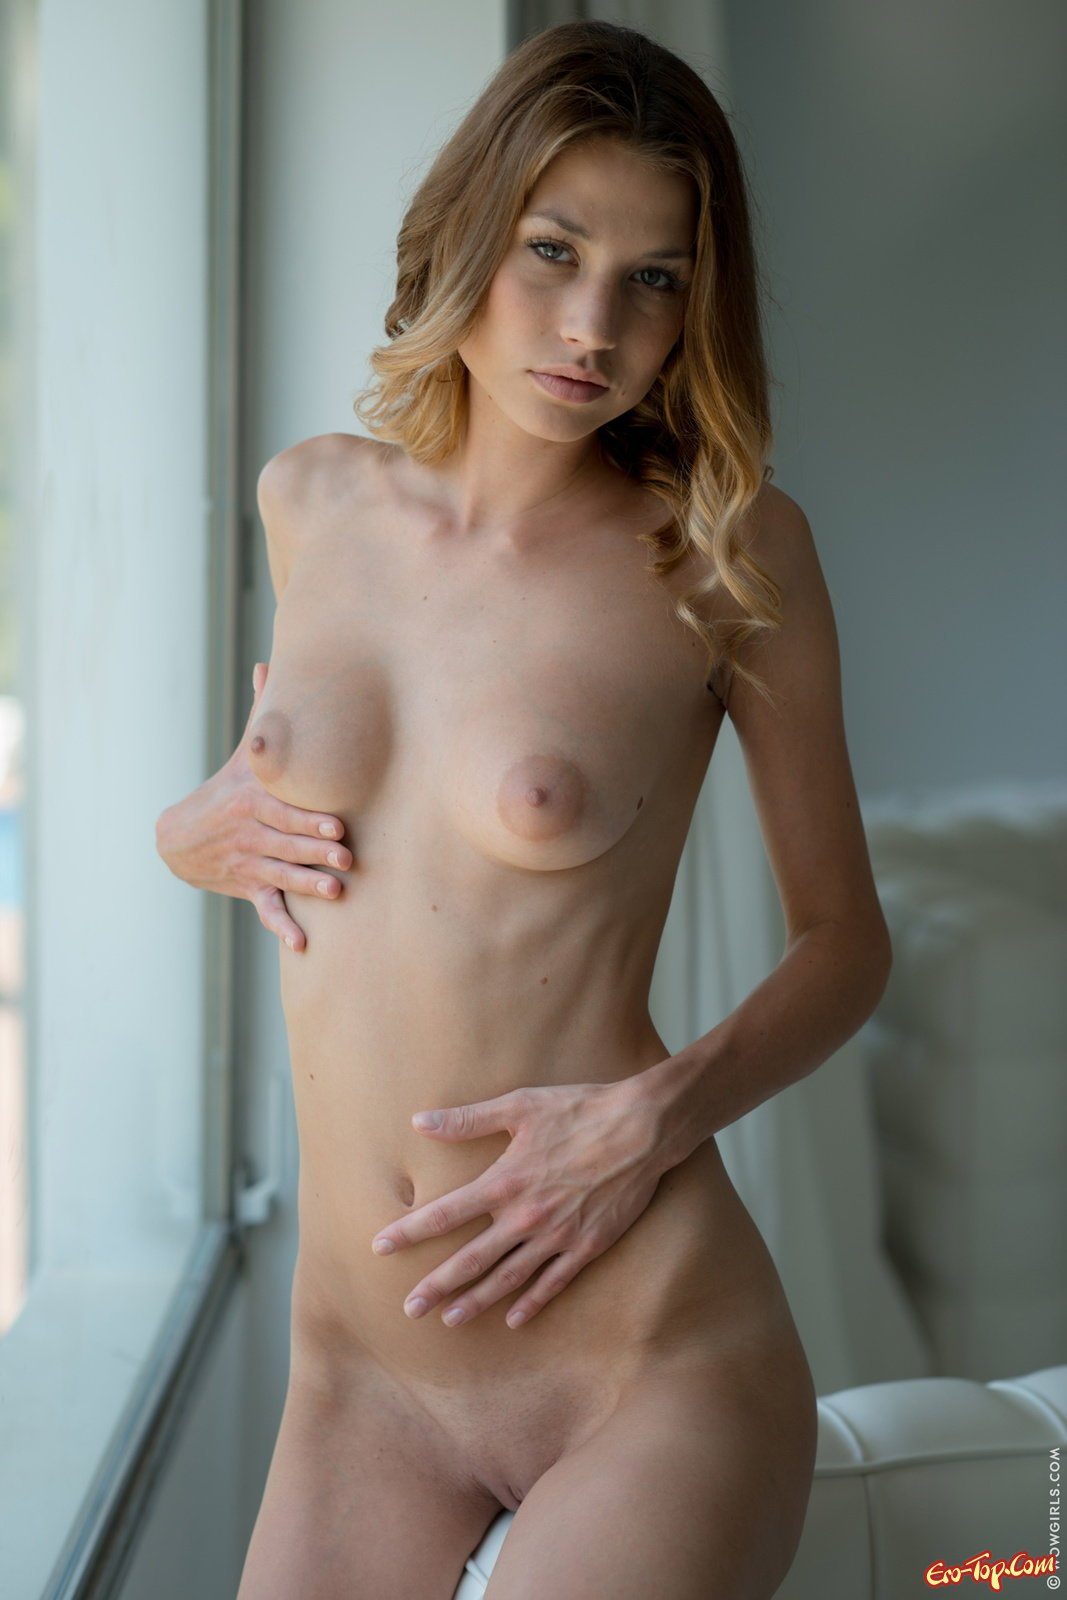 Худощавая девушка засветила  натуральную грудь